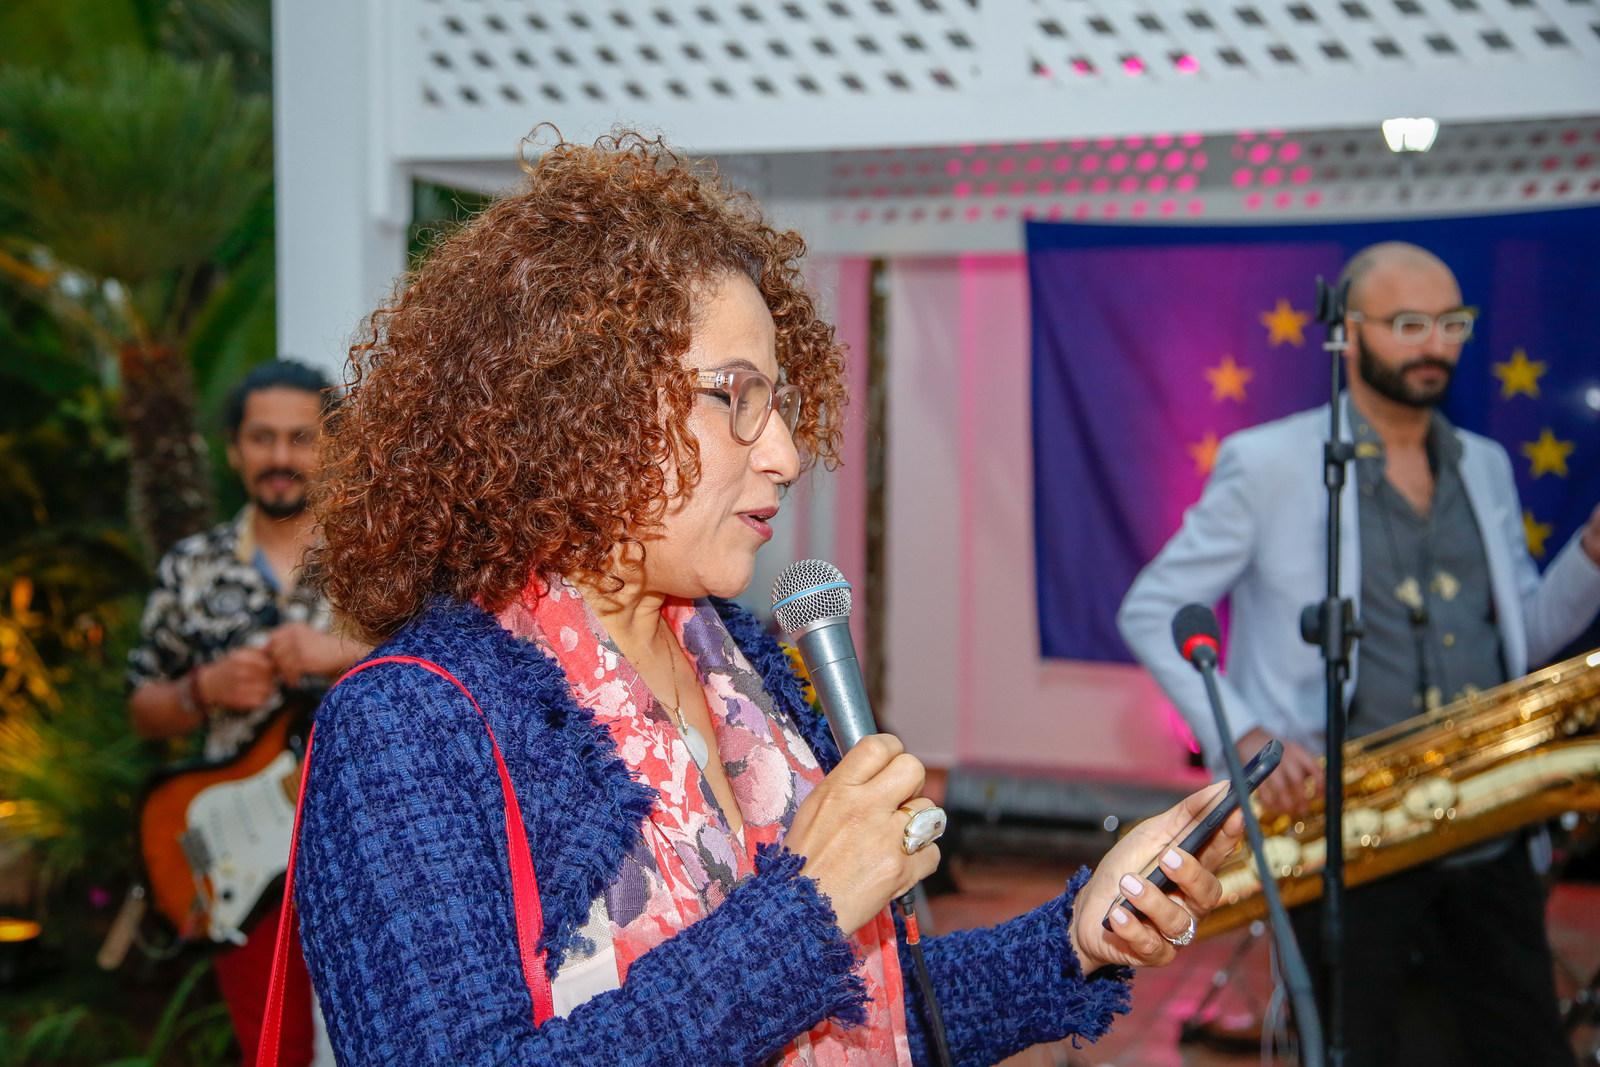 Reception a la résidence de la Délégation de l'Union européenne au Maroc a l'occasion de la journée de l'Europe.